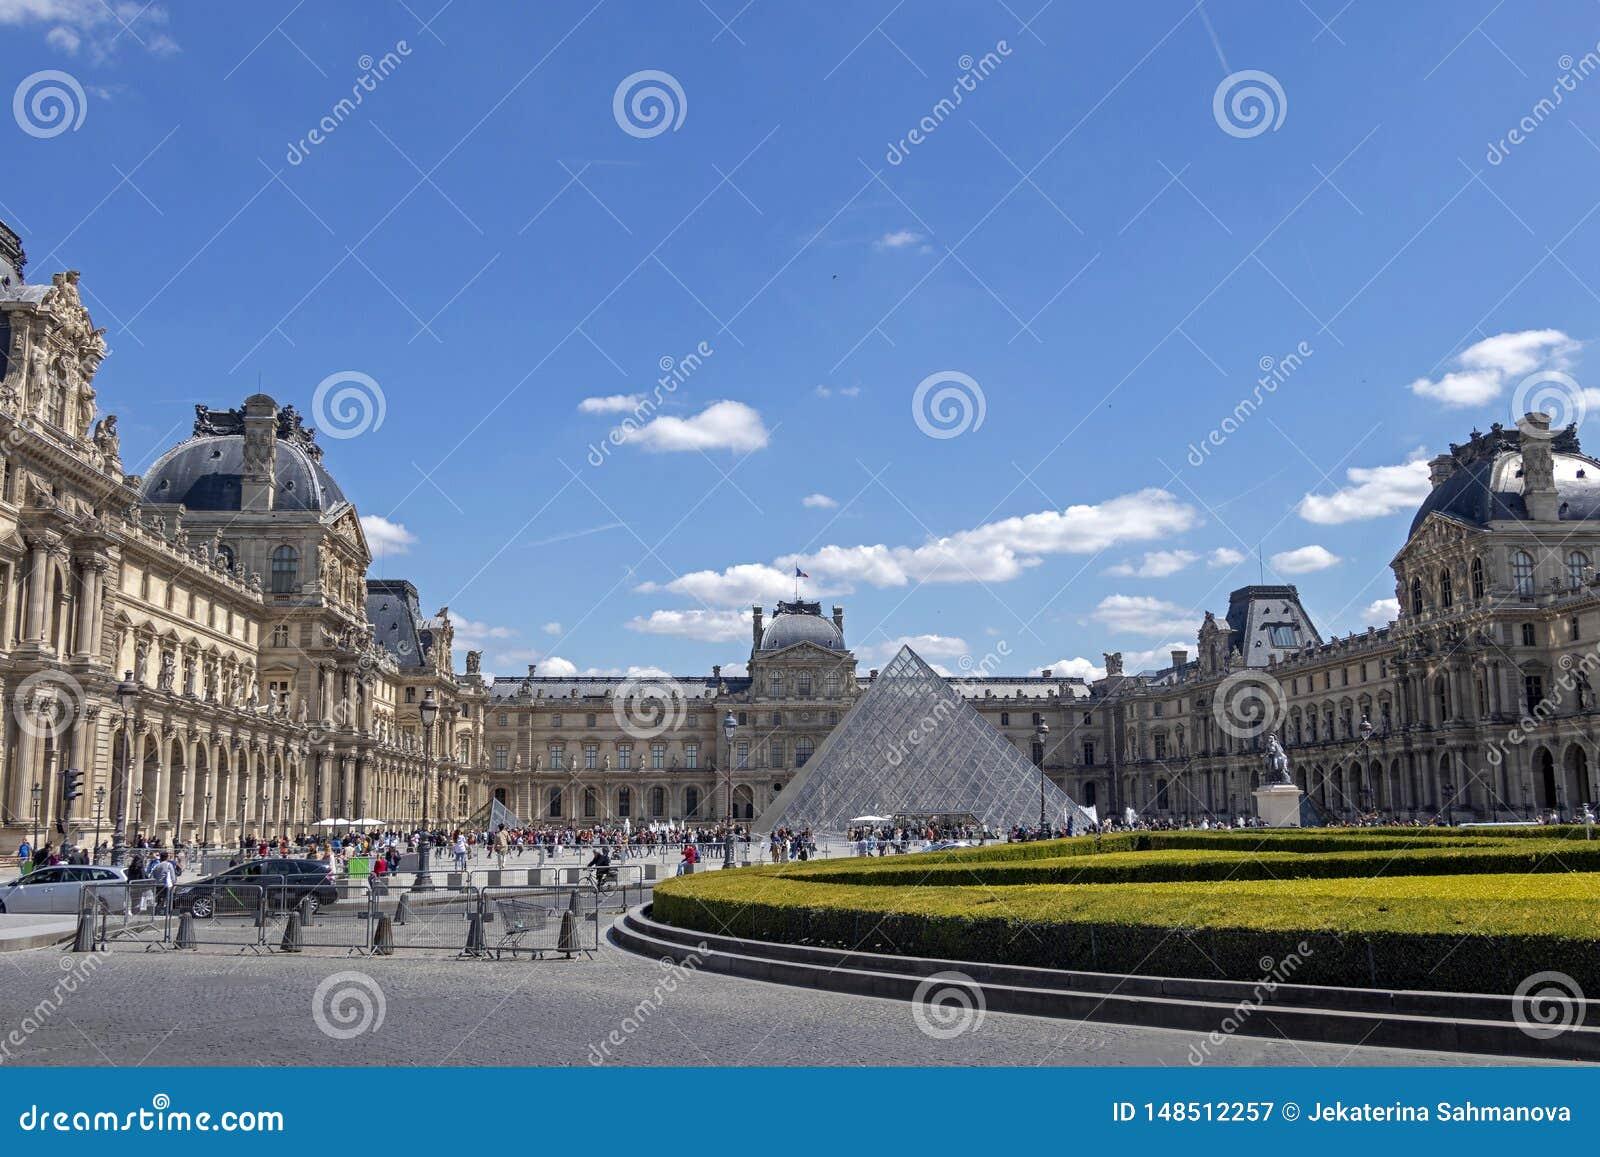 天窗或者罗浮宫,world's最大的美术馆和历史的纪念碑在巴黎,法国